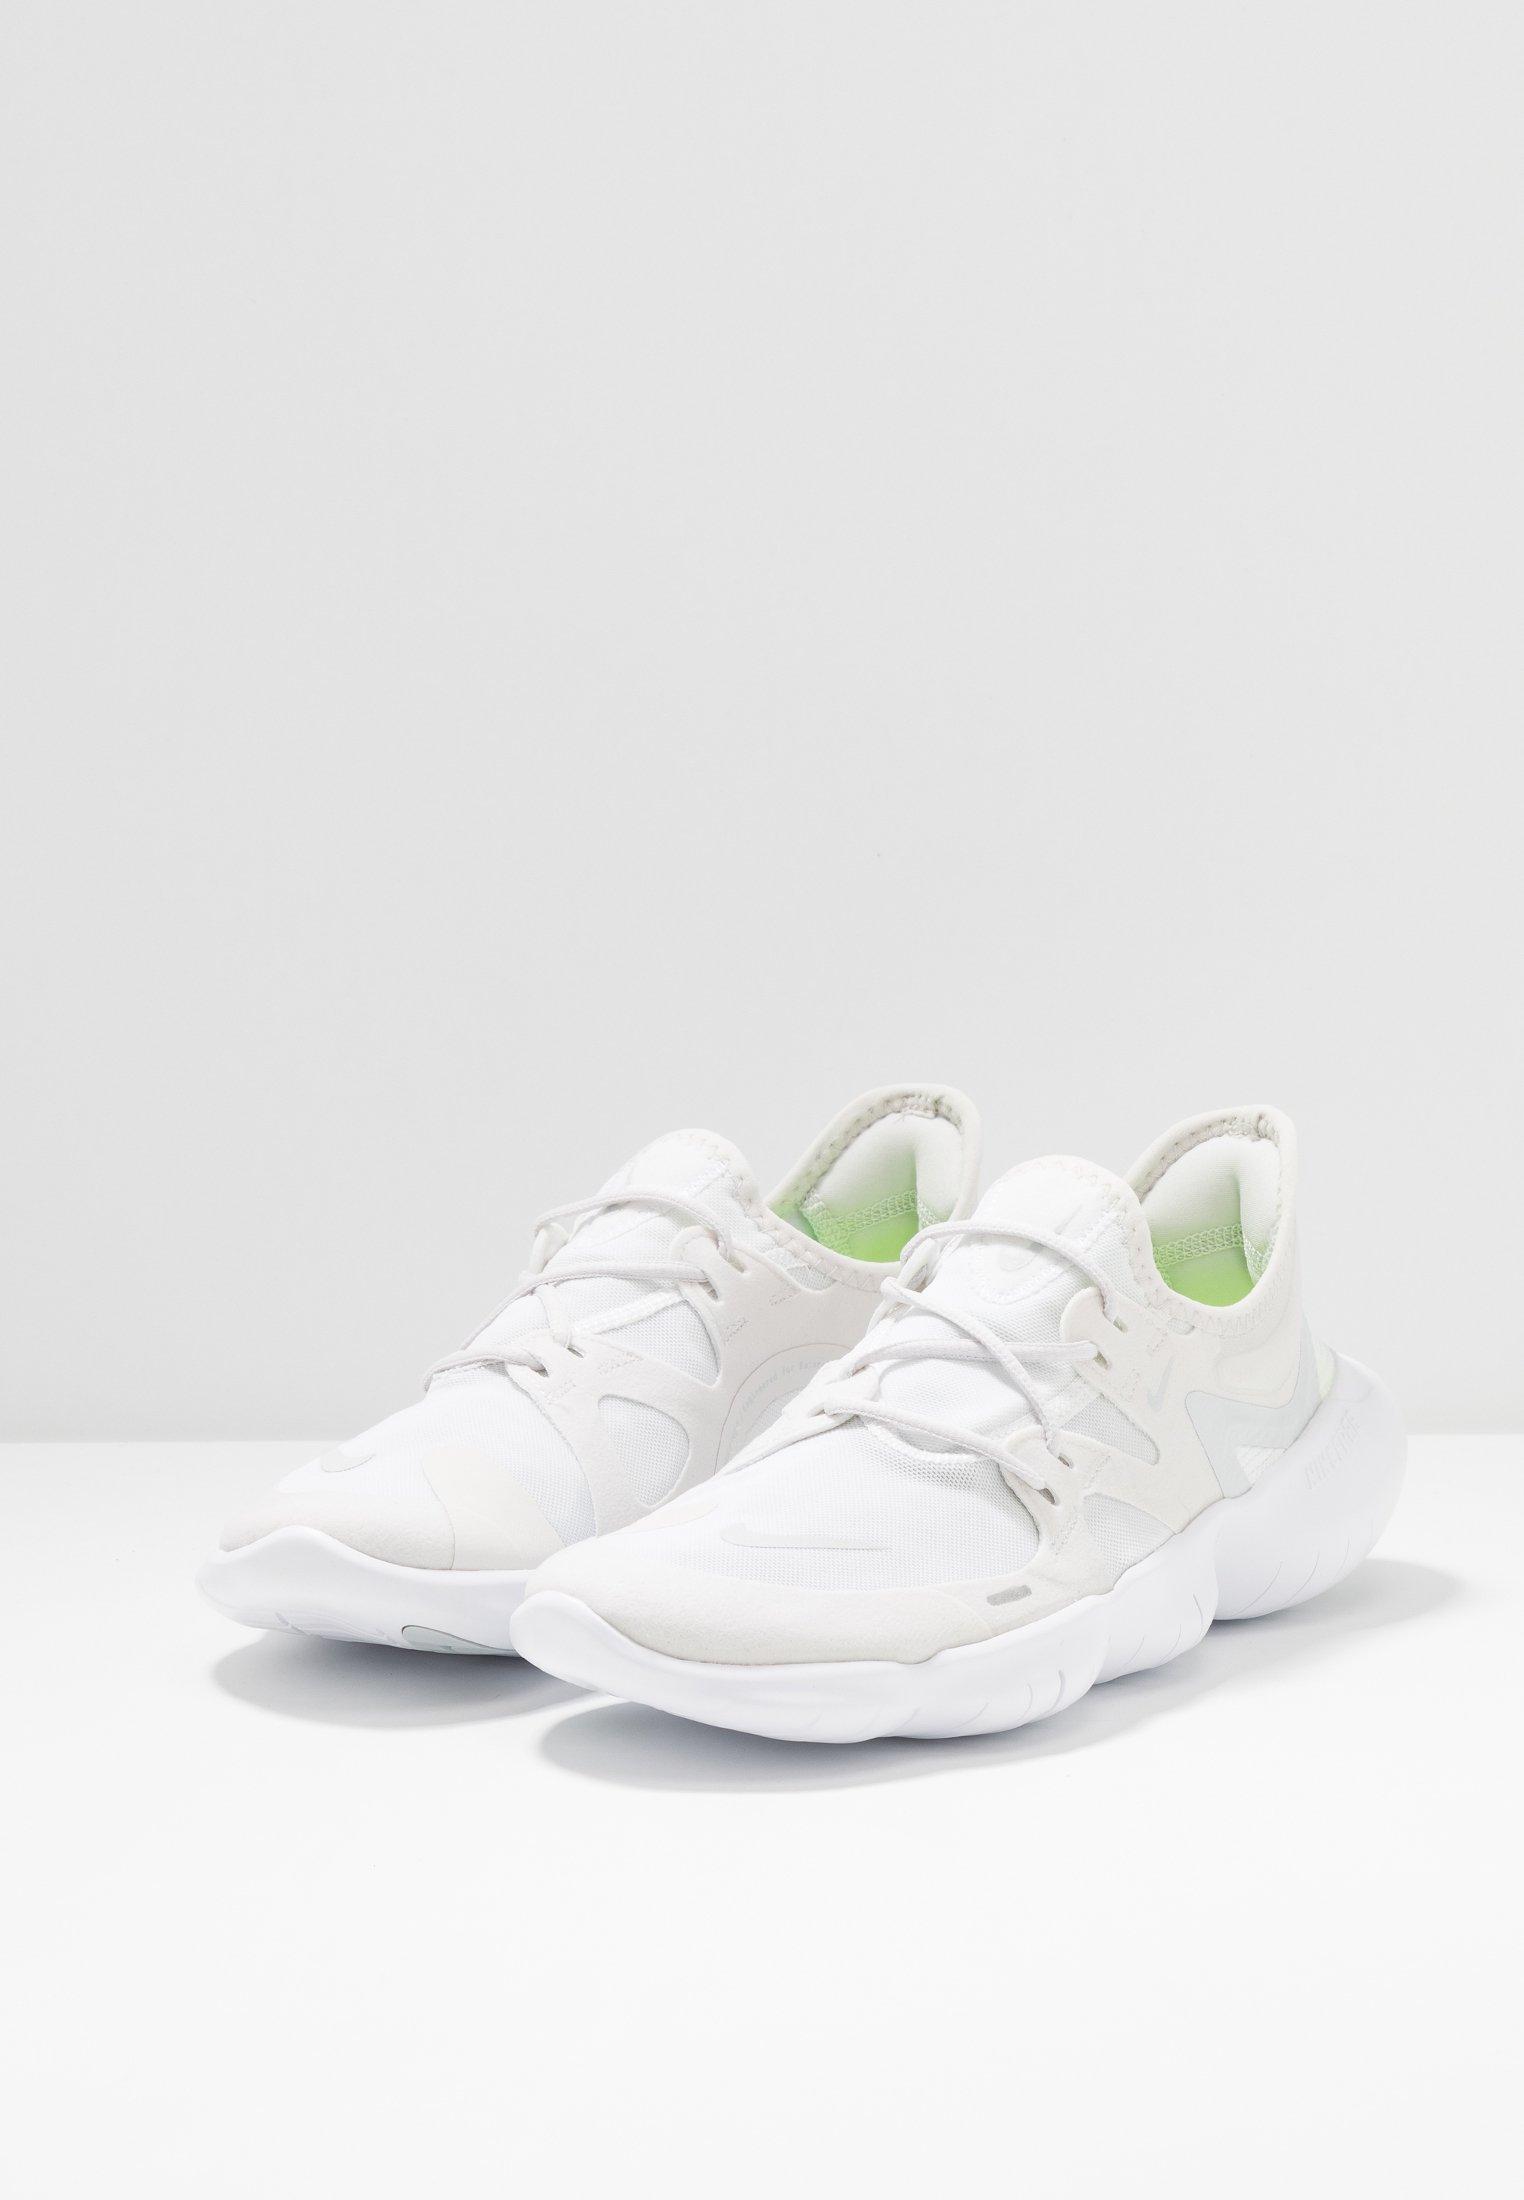 white Free Course Platinum Platinum Tint 5 Neutres volt Nike pure Performance 0Chaussures Rn De L3j5A4R